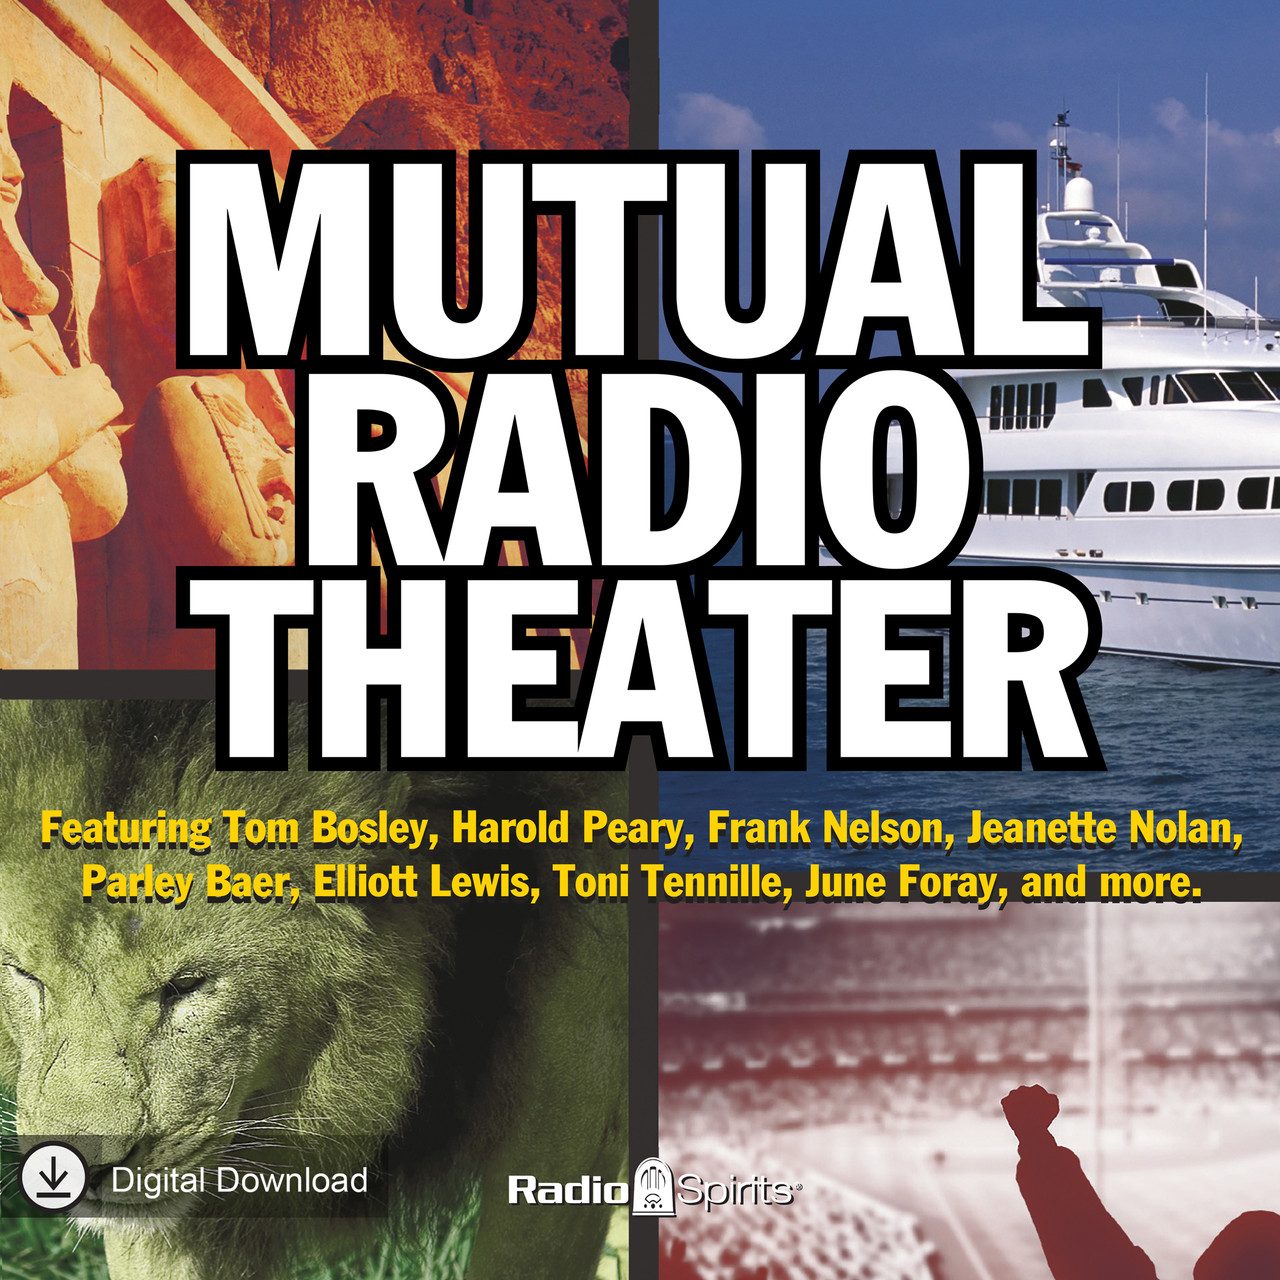 Mutual Radio Theater (MP3 Download)